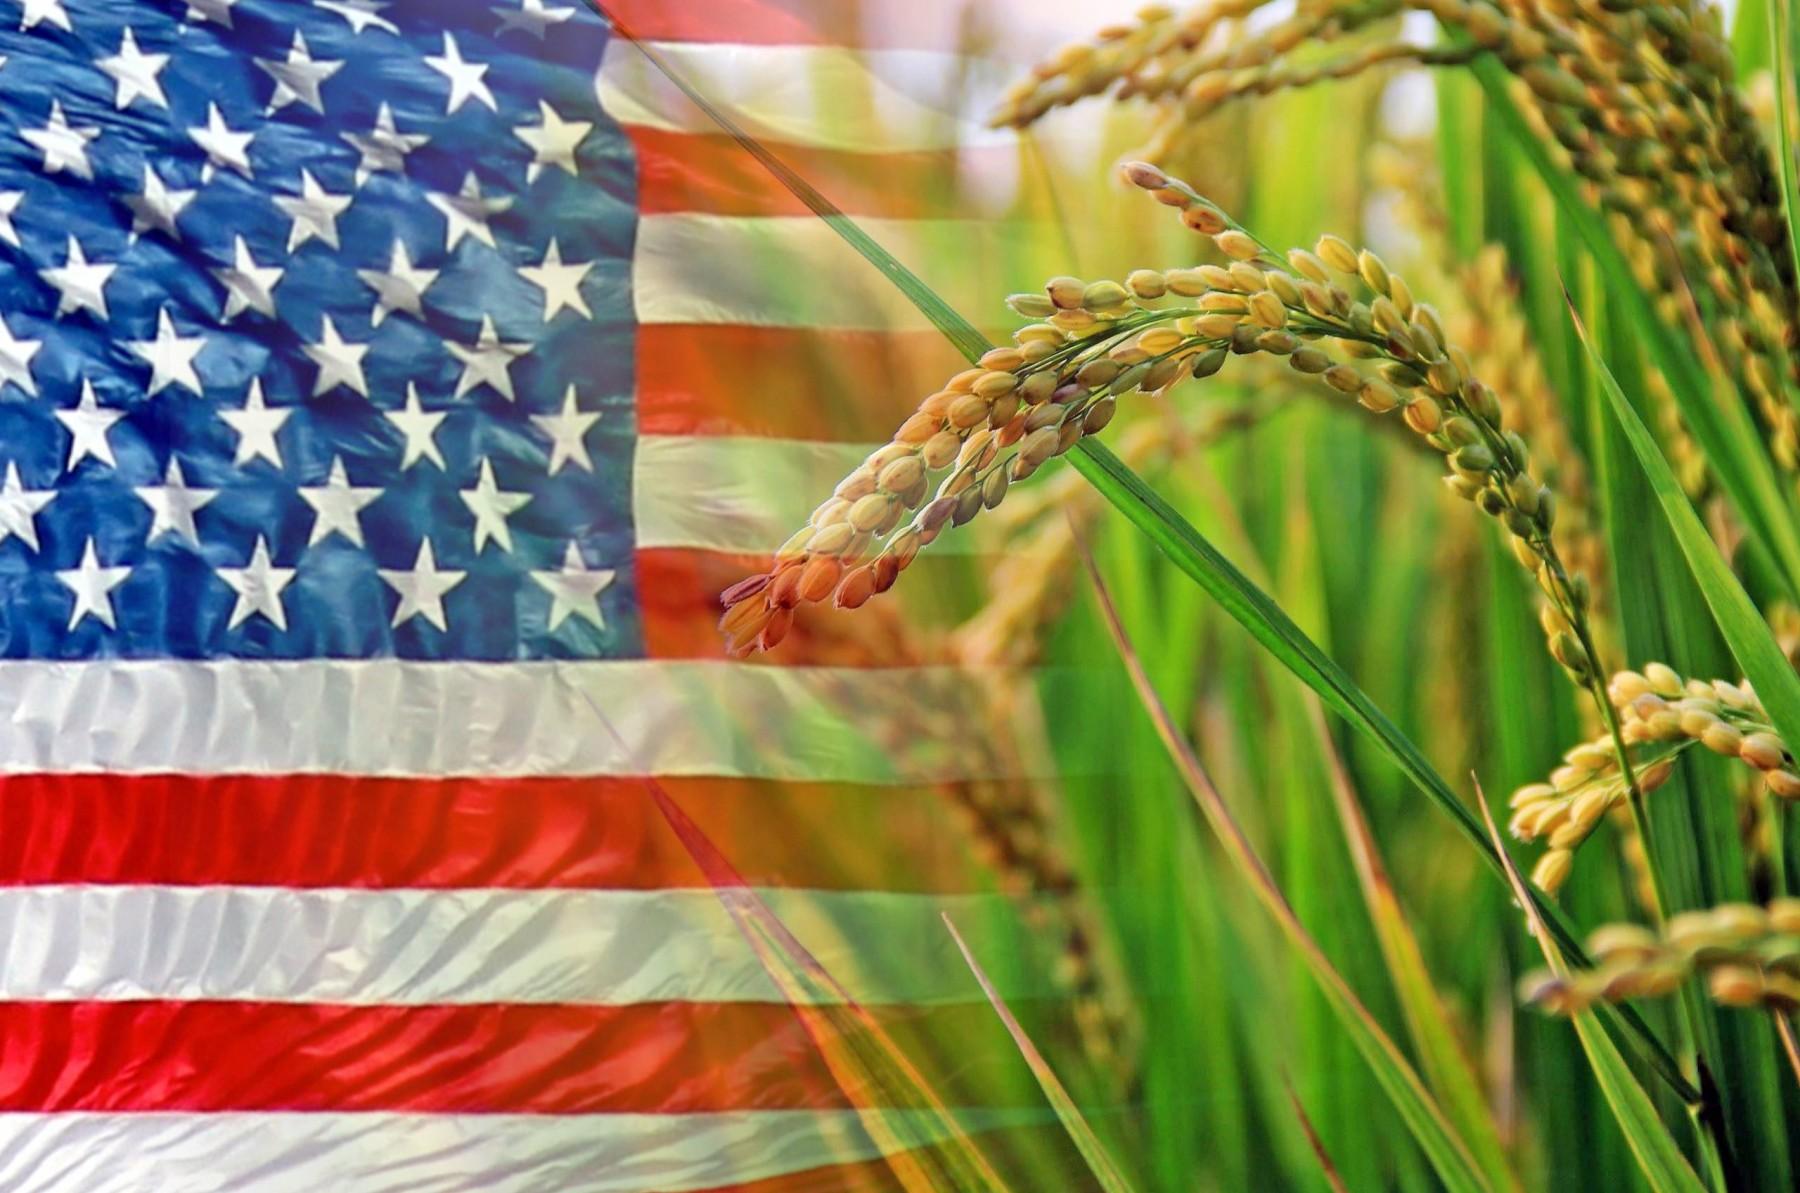 Η πολιτική Trump επηρεάζει και τους Αμερικανούς παραγωγούς ρυζιού